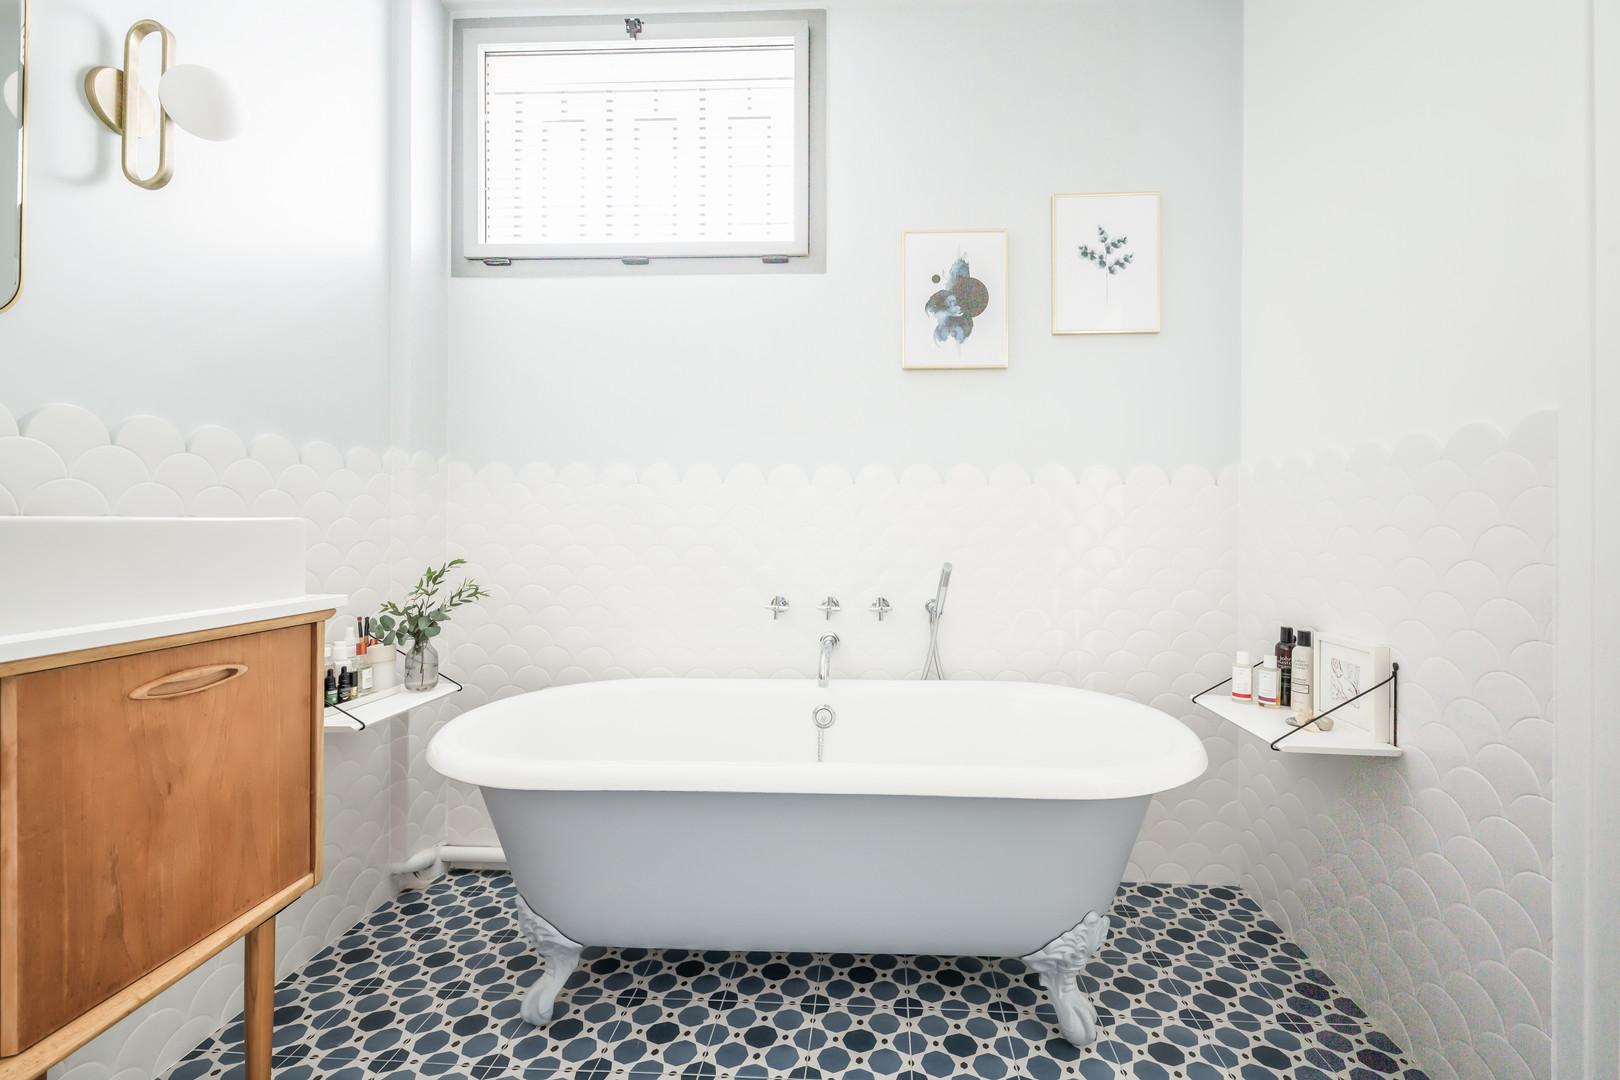 Baignoire salle de bain parentale